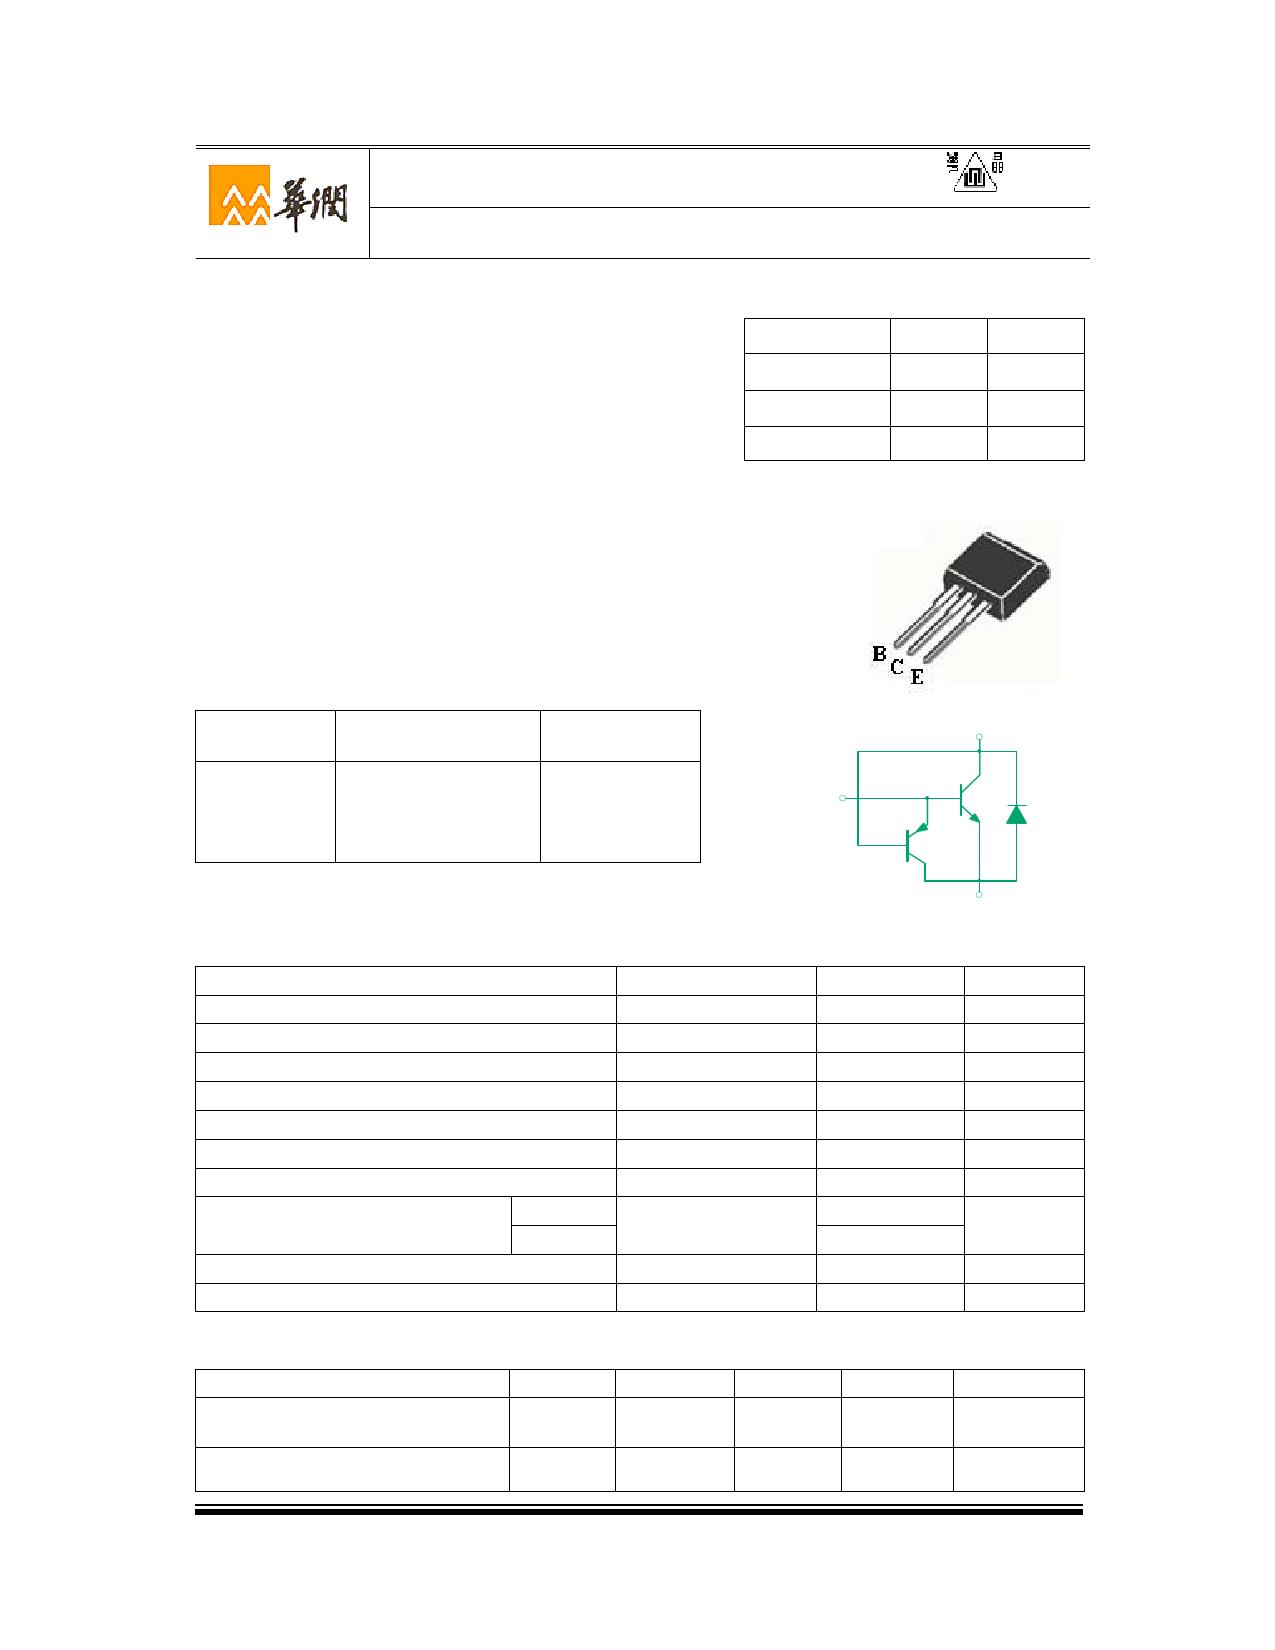 3DD13005GRD Datasheet, 3DD13005GRD PDF,ピン配置, 機能